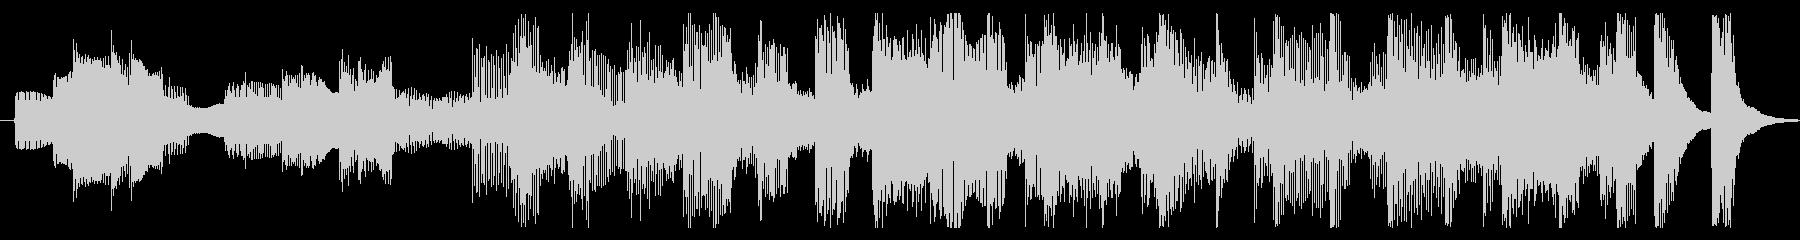 15秒CMサイズの2 家庭用品のCMなどの未再生の波形